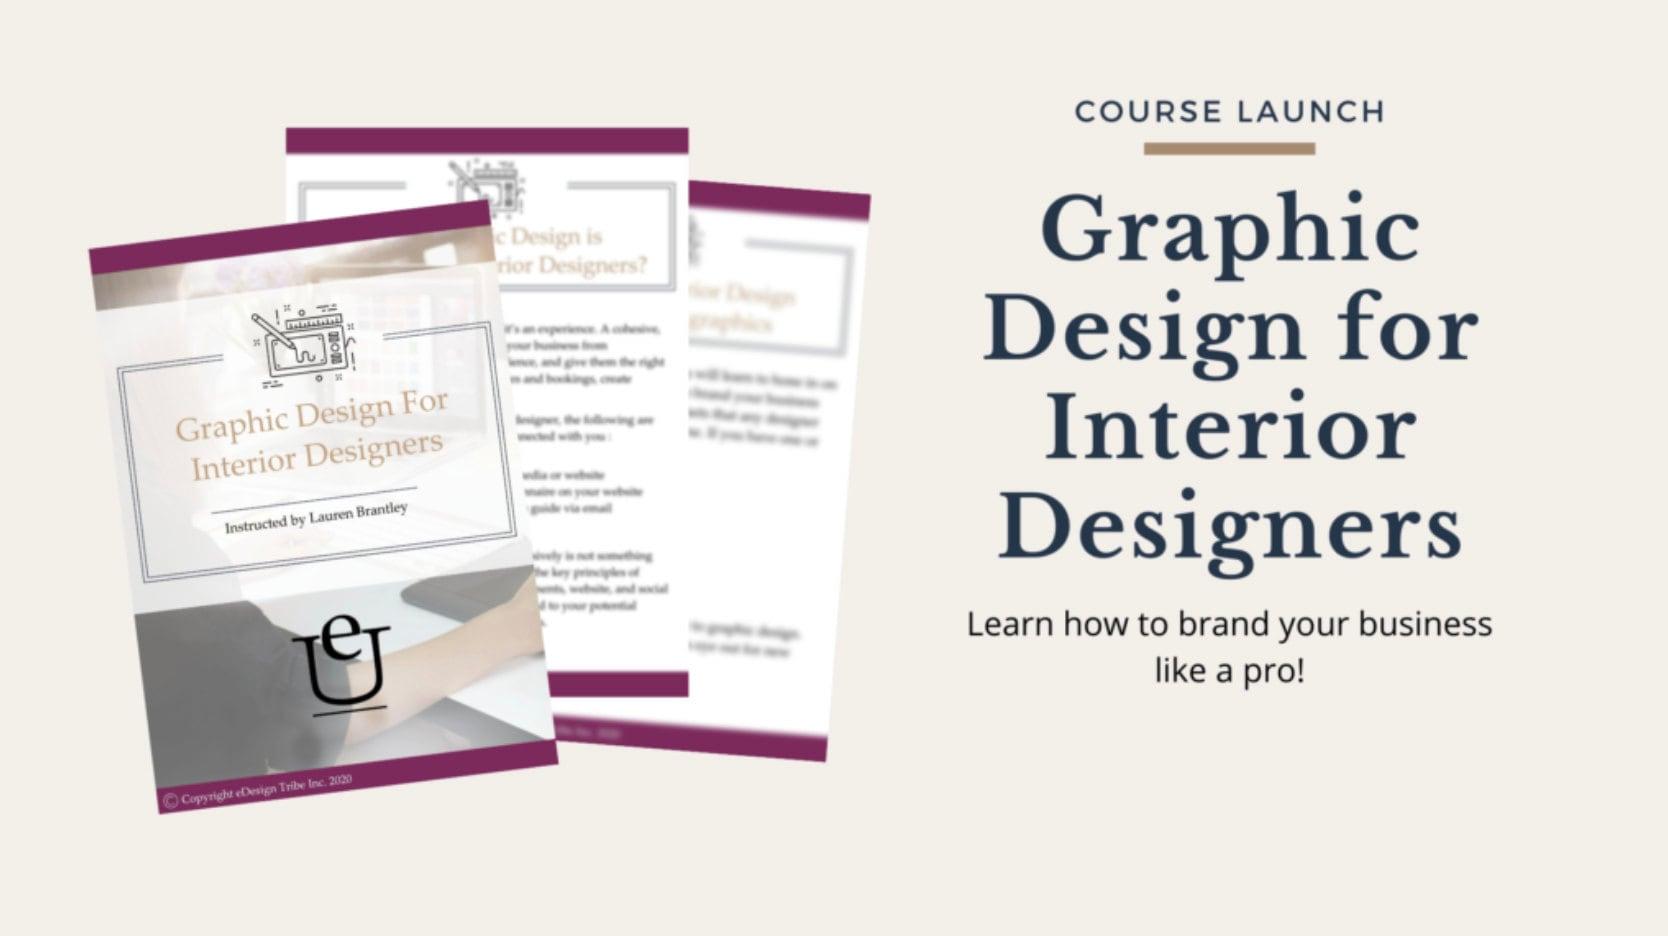 Graphic Design for Interior Designers